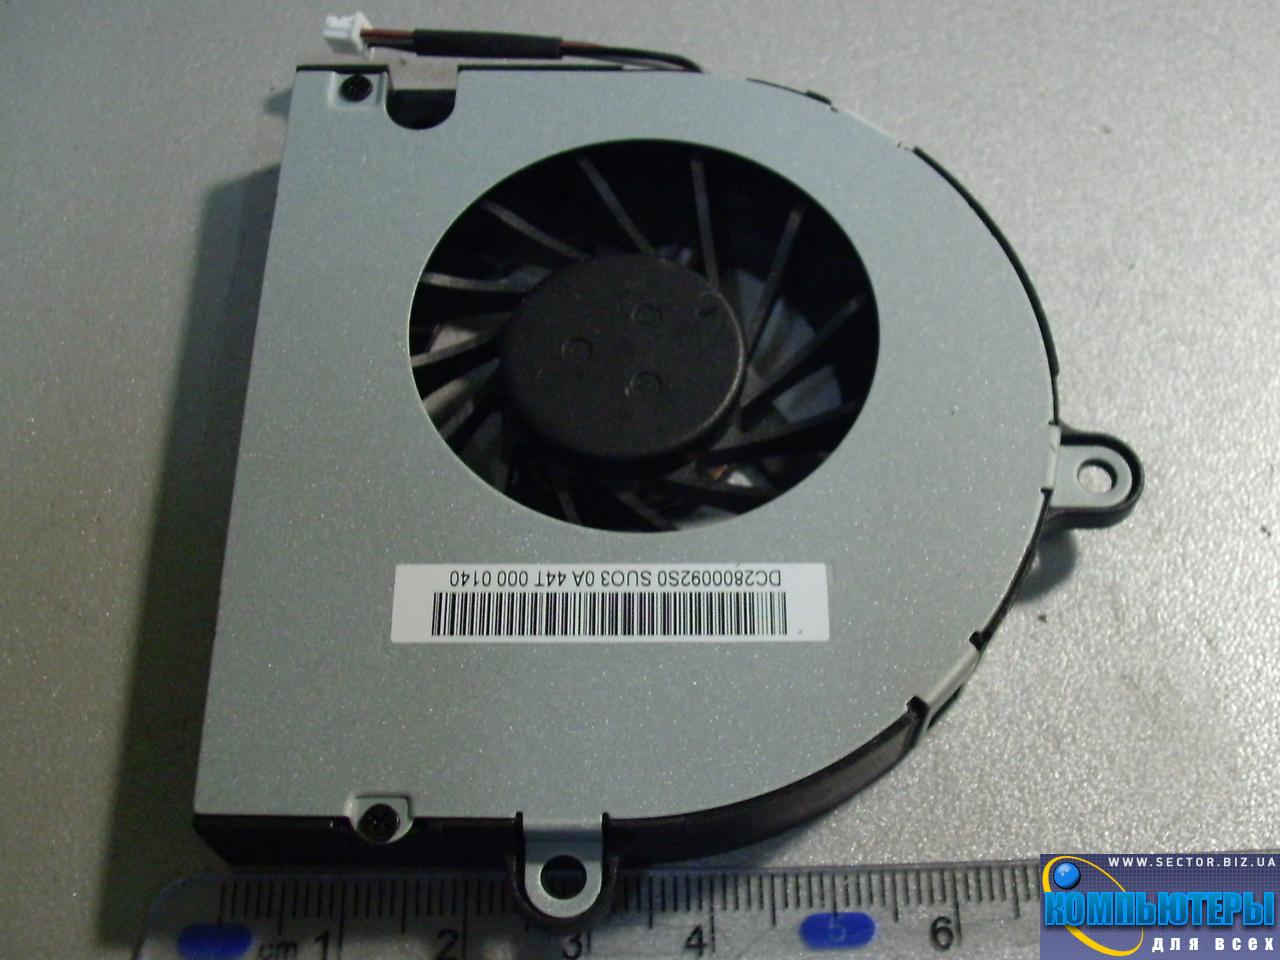 Кулер к ноутбуку Emachines E442 E443 E529 E644 E729 p/n: MF60120V1-C040-G99. Фото № 5.